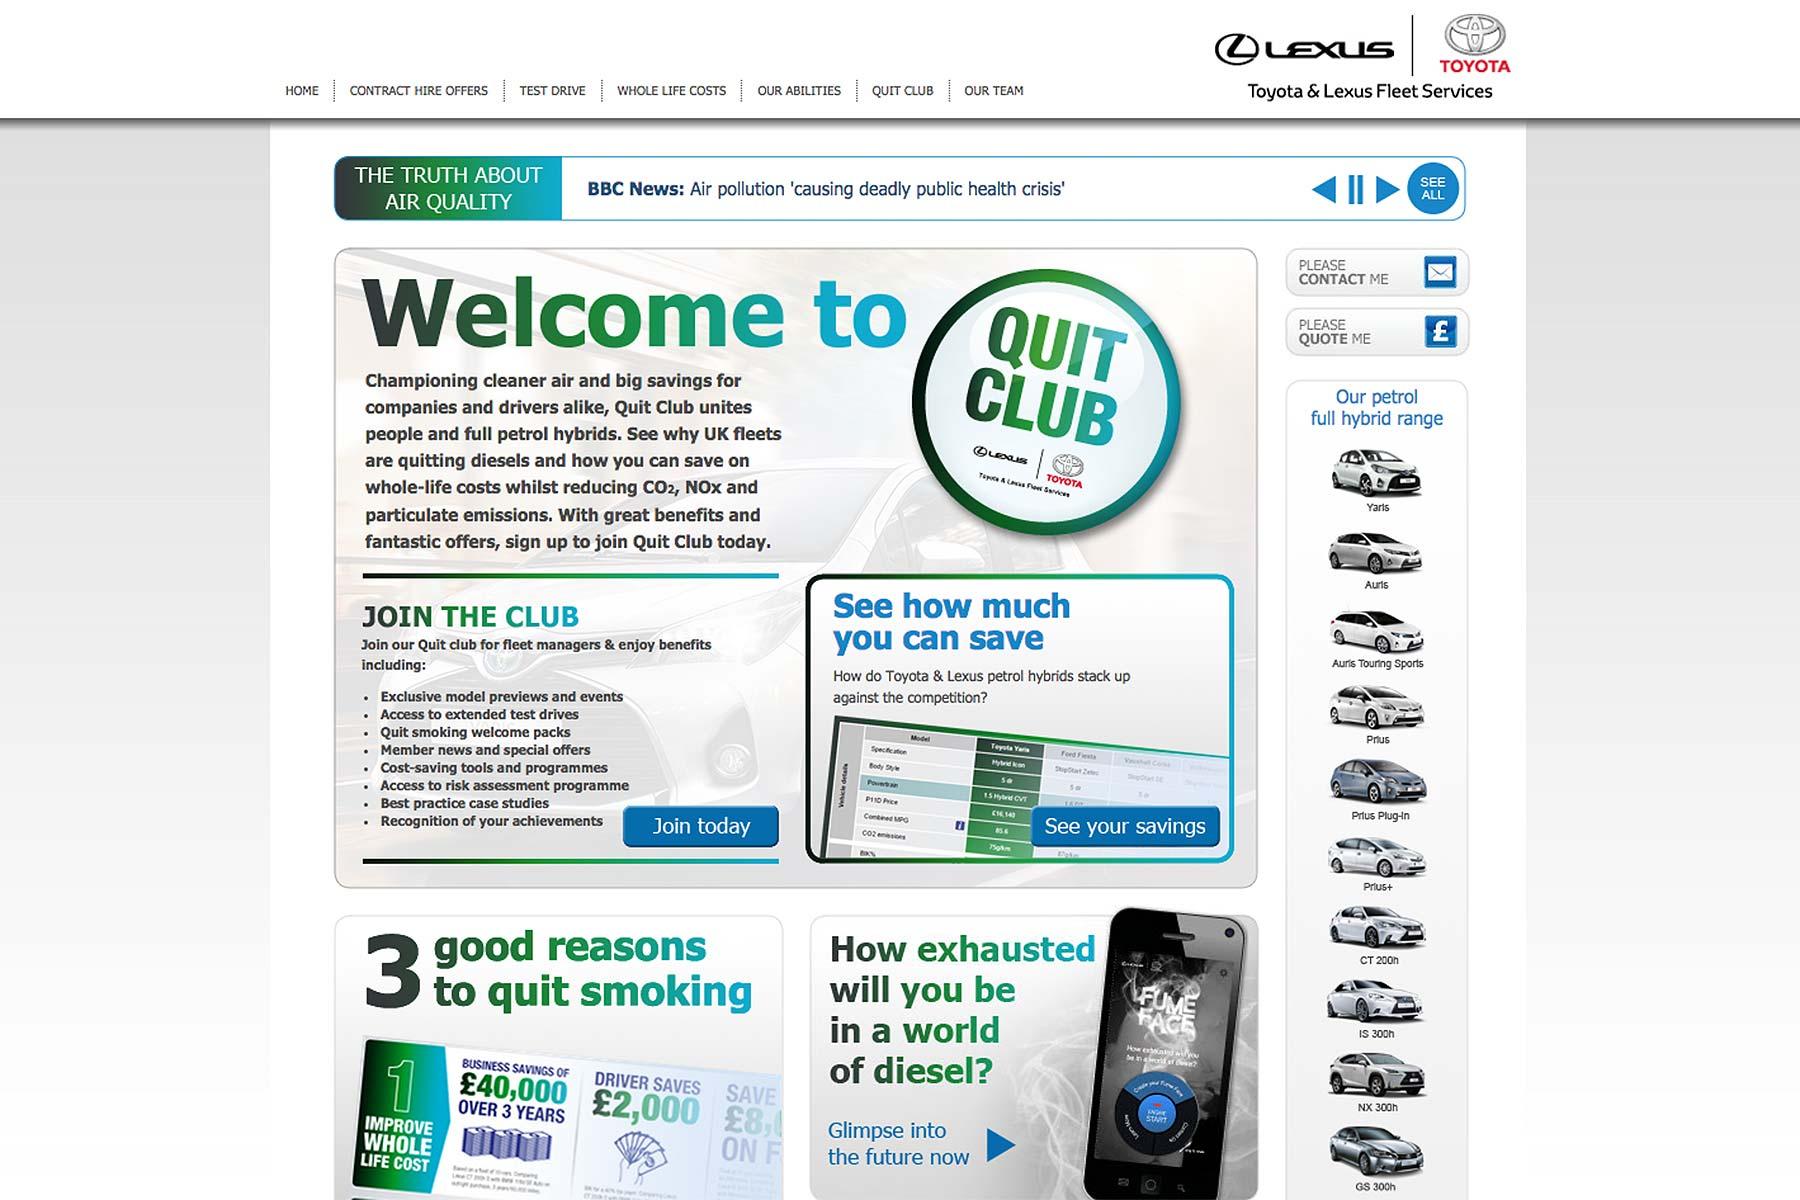 Toyota Lexus Quit Club